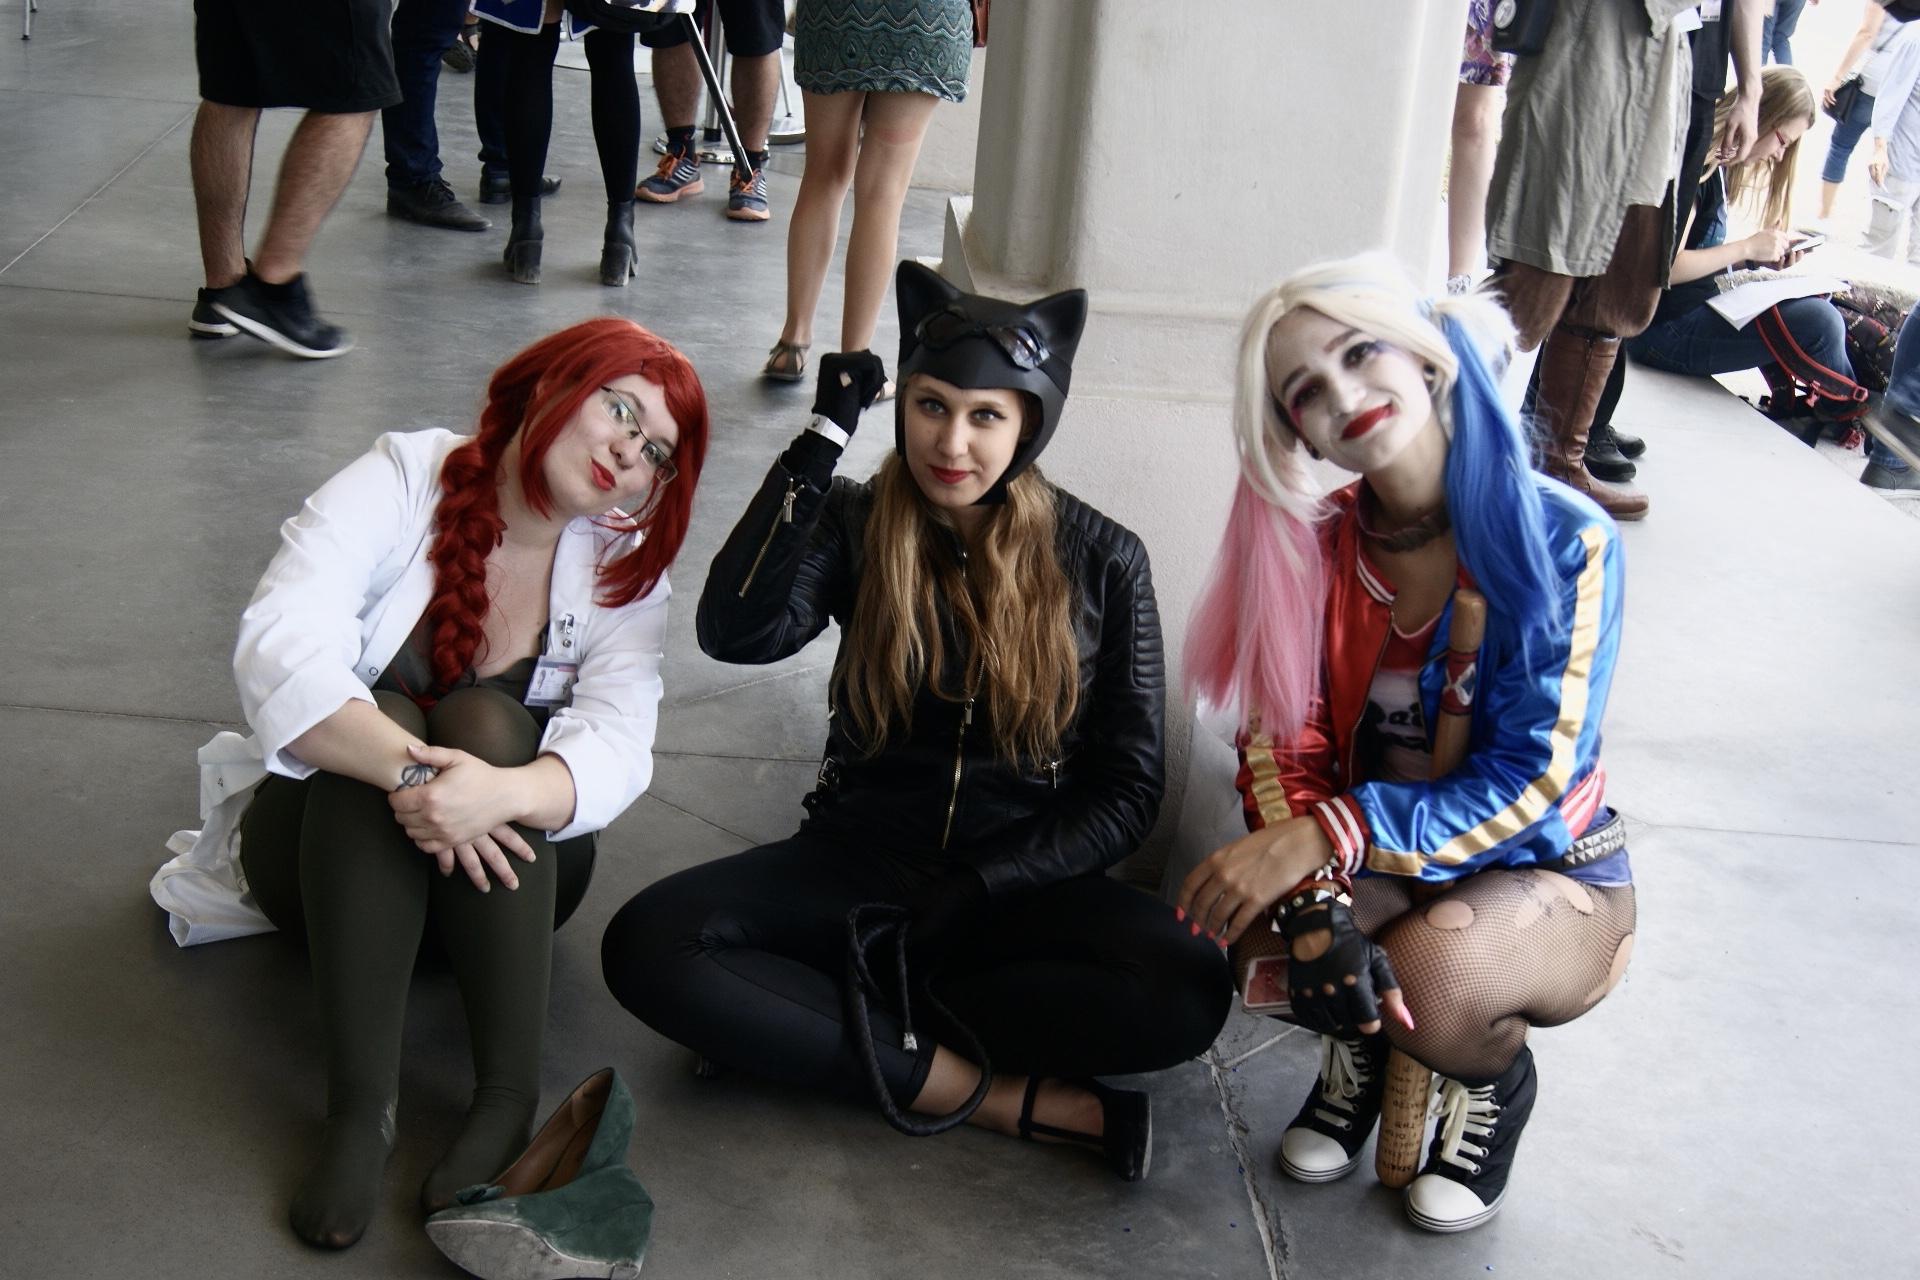 Trzy dziewczyny przebrane za postaci z filmów